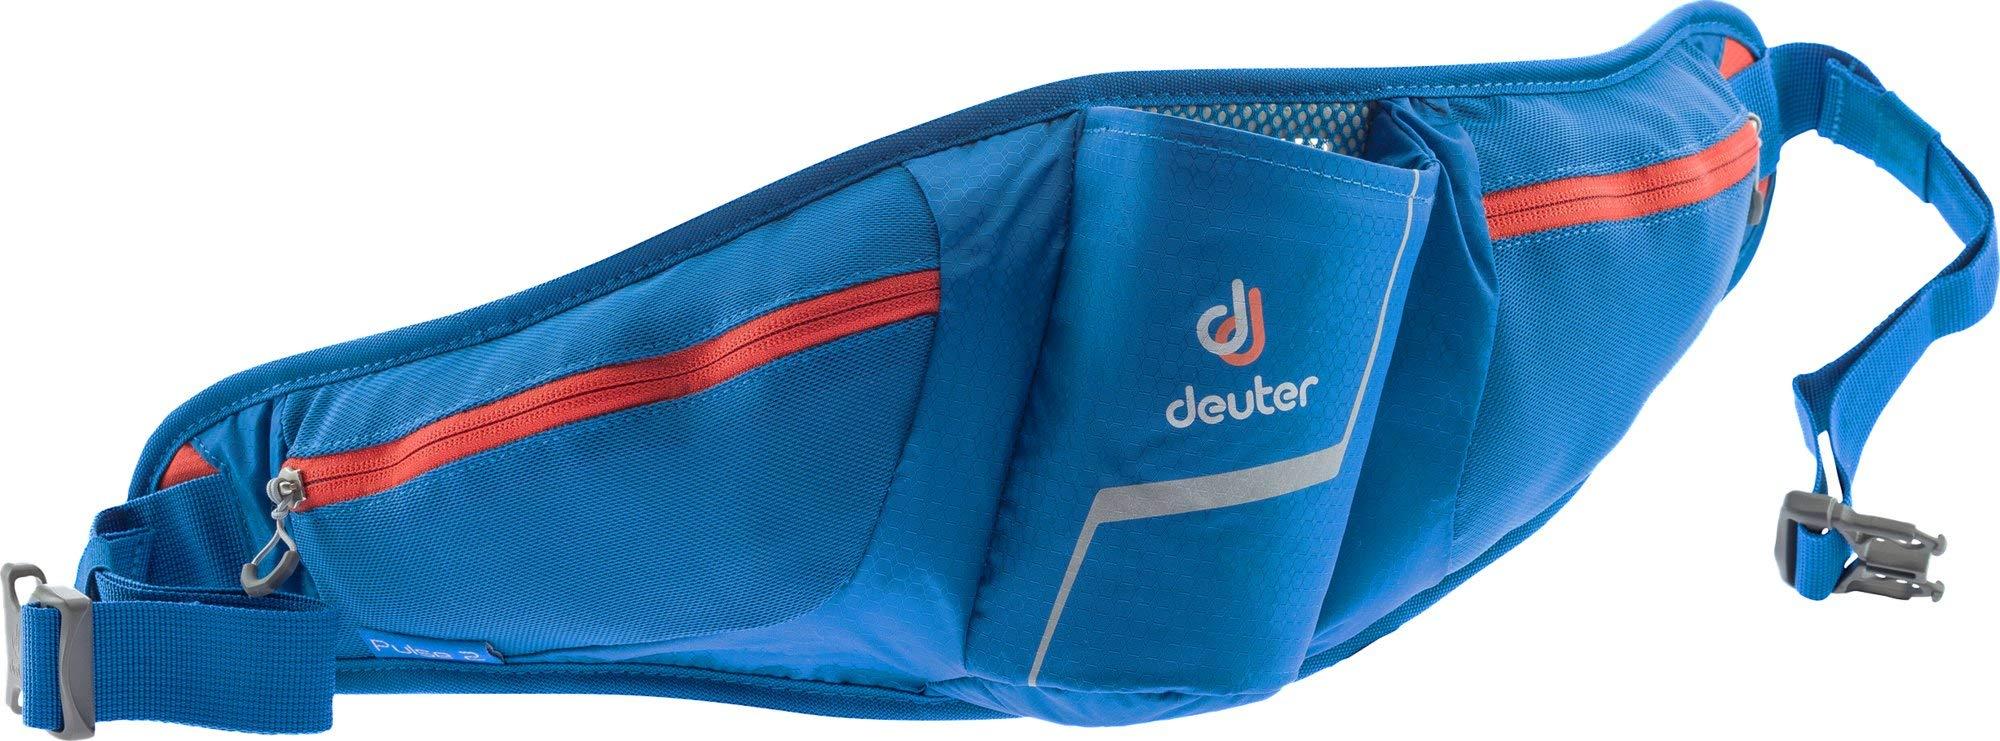 Deuter Pulse 2 2020 Modell Hüfttasche